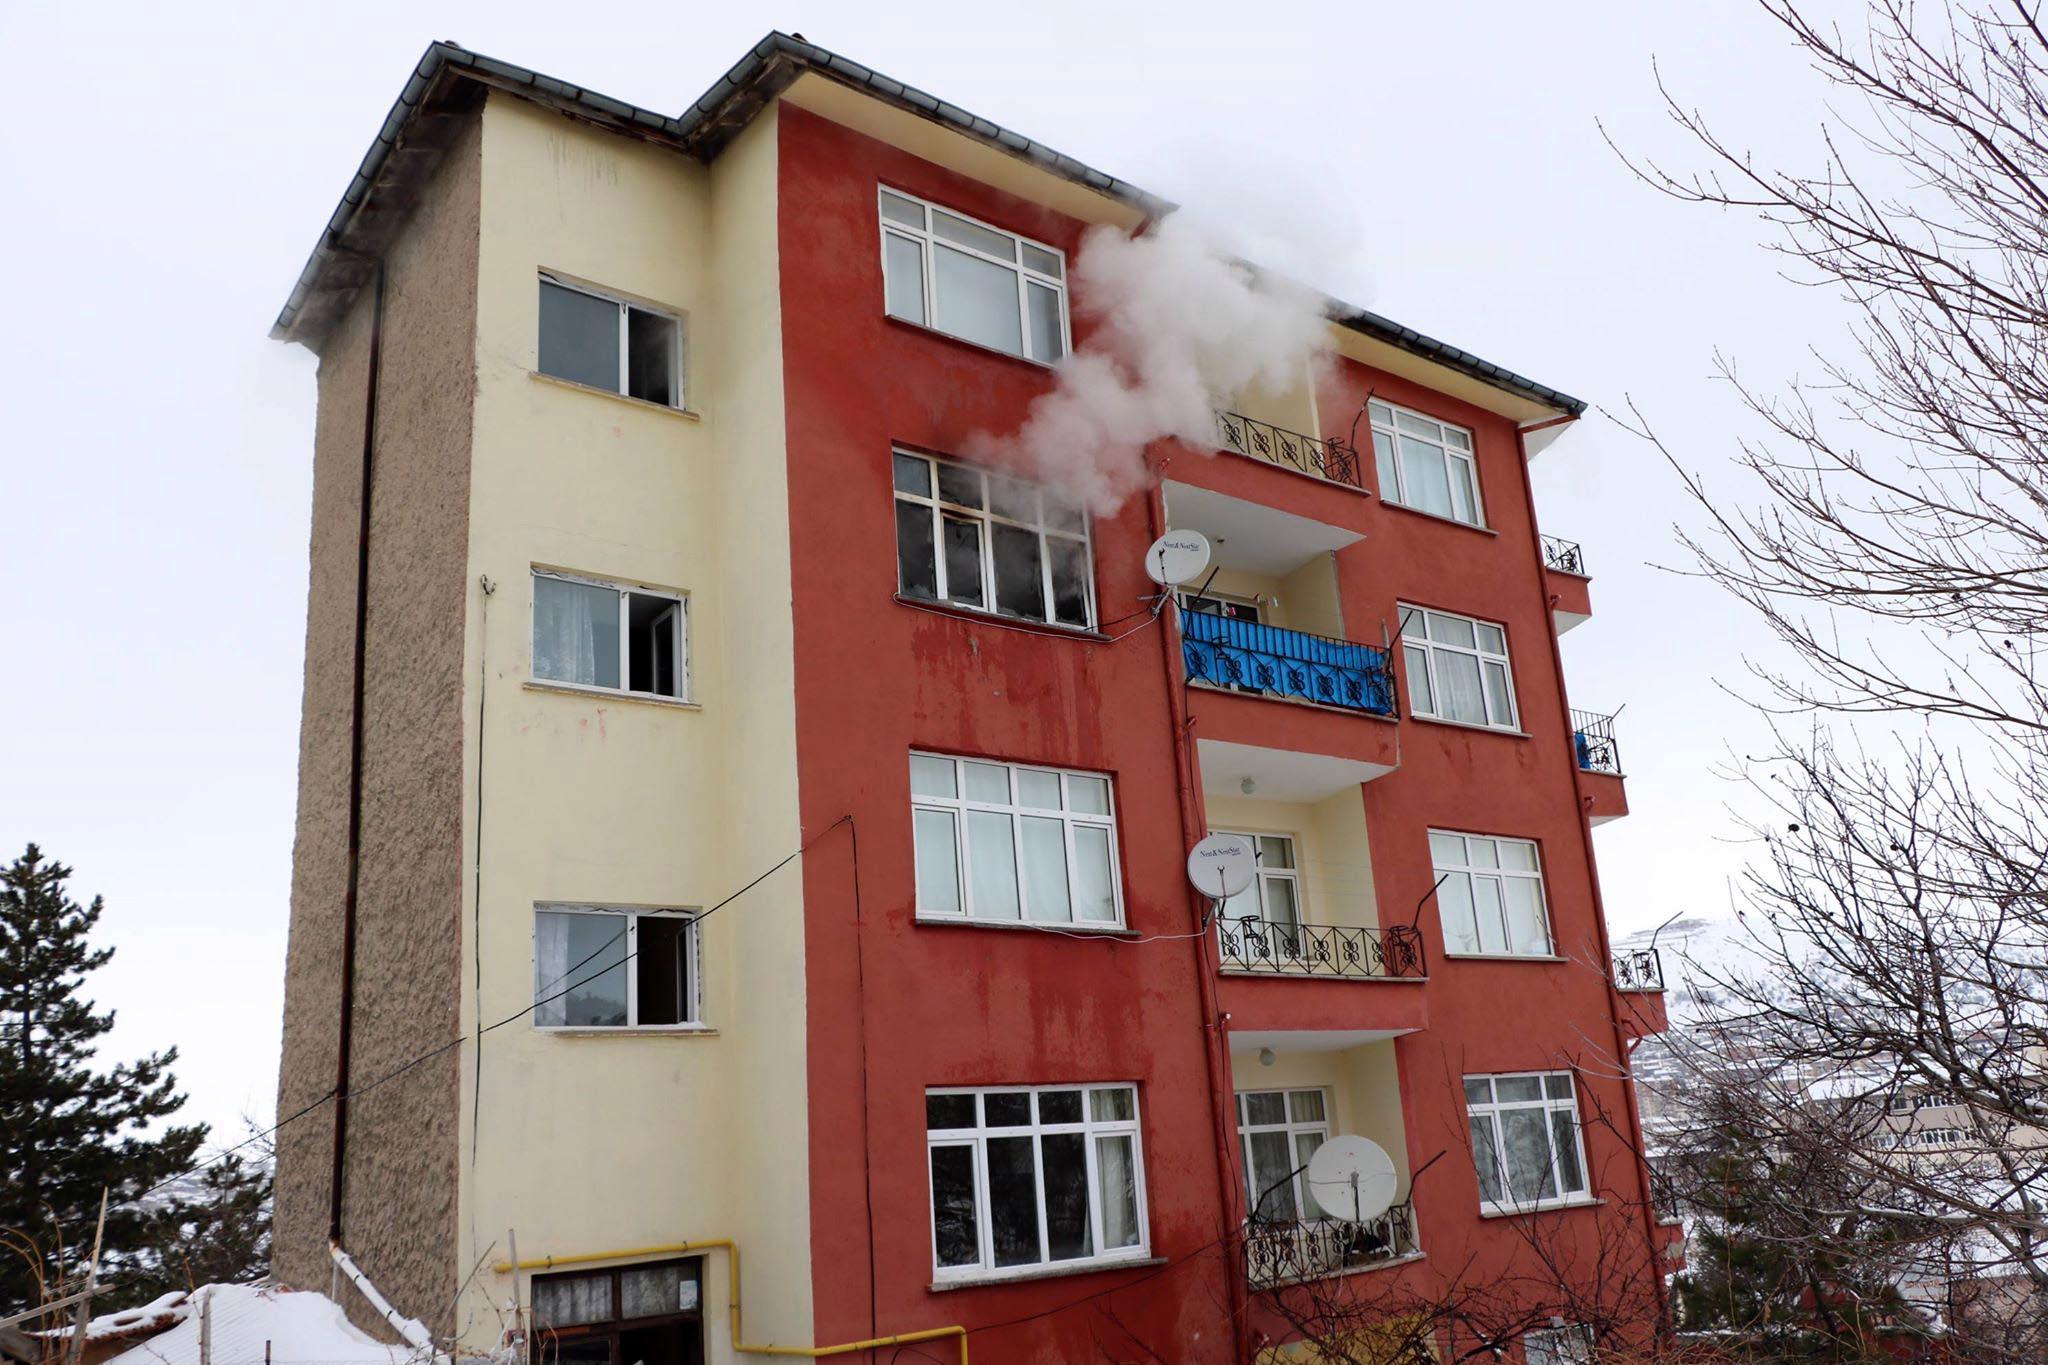 4. katta çıkan yangın korkuttu